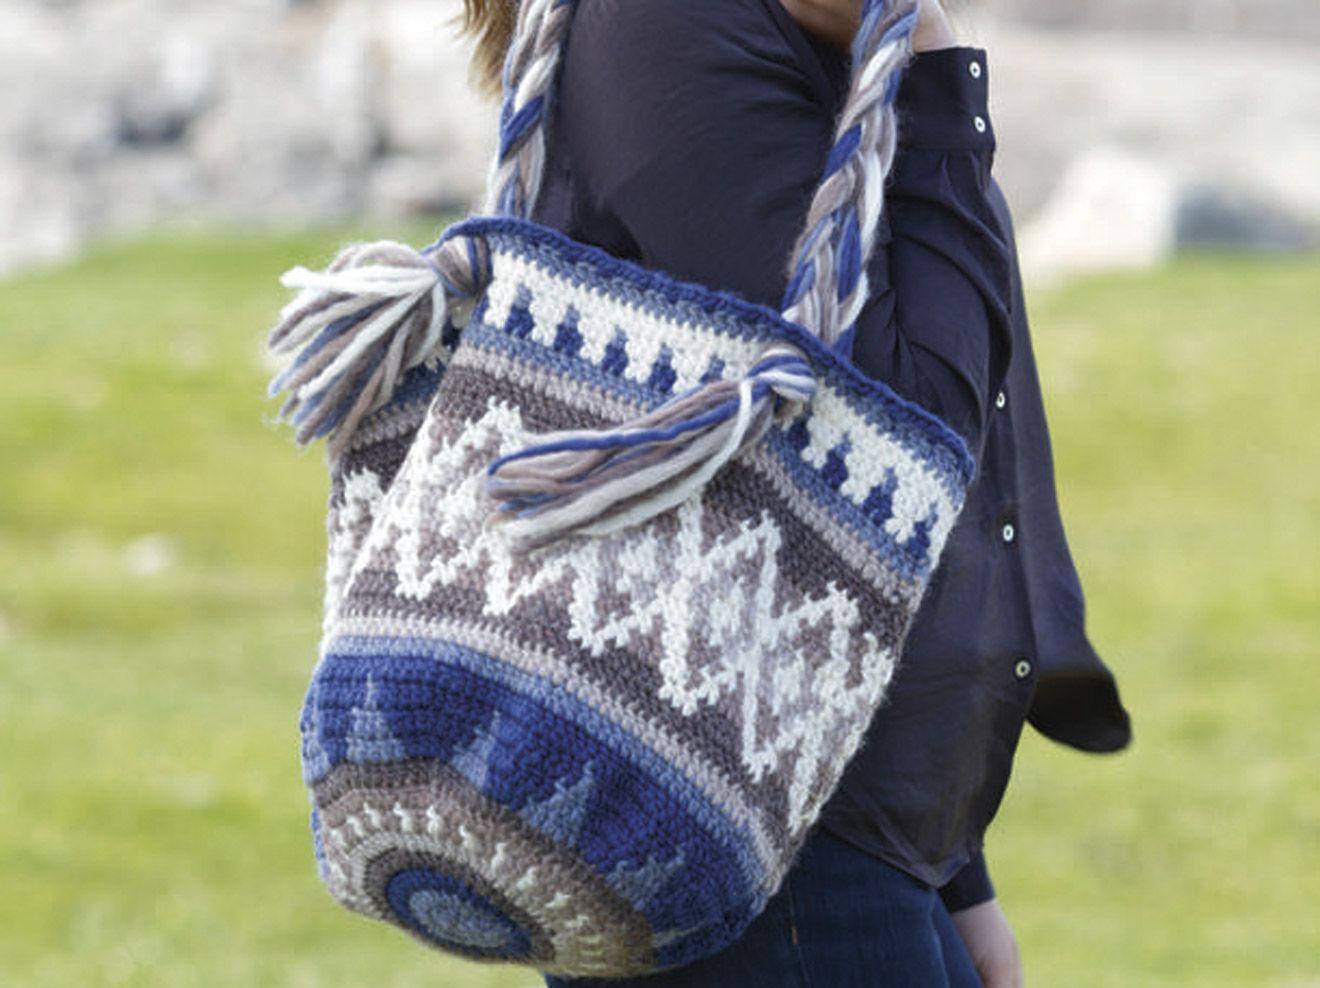 Anleitung: Tasche häkeln | Eskimo, Farbmuster und Brieftaschen